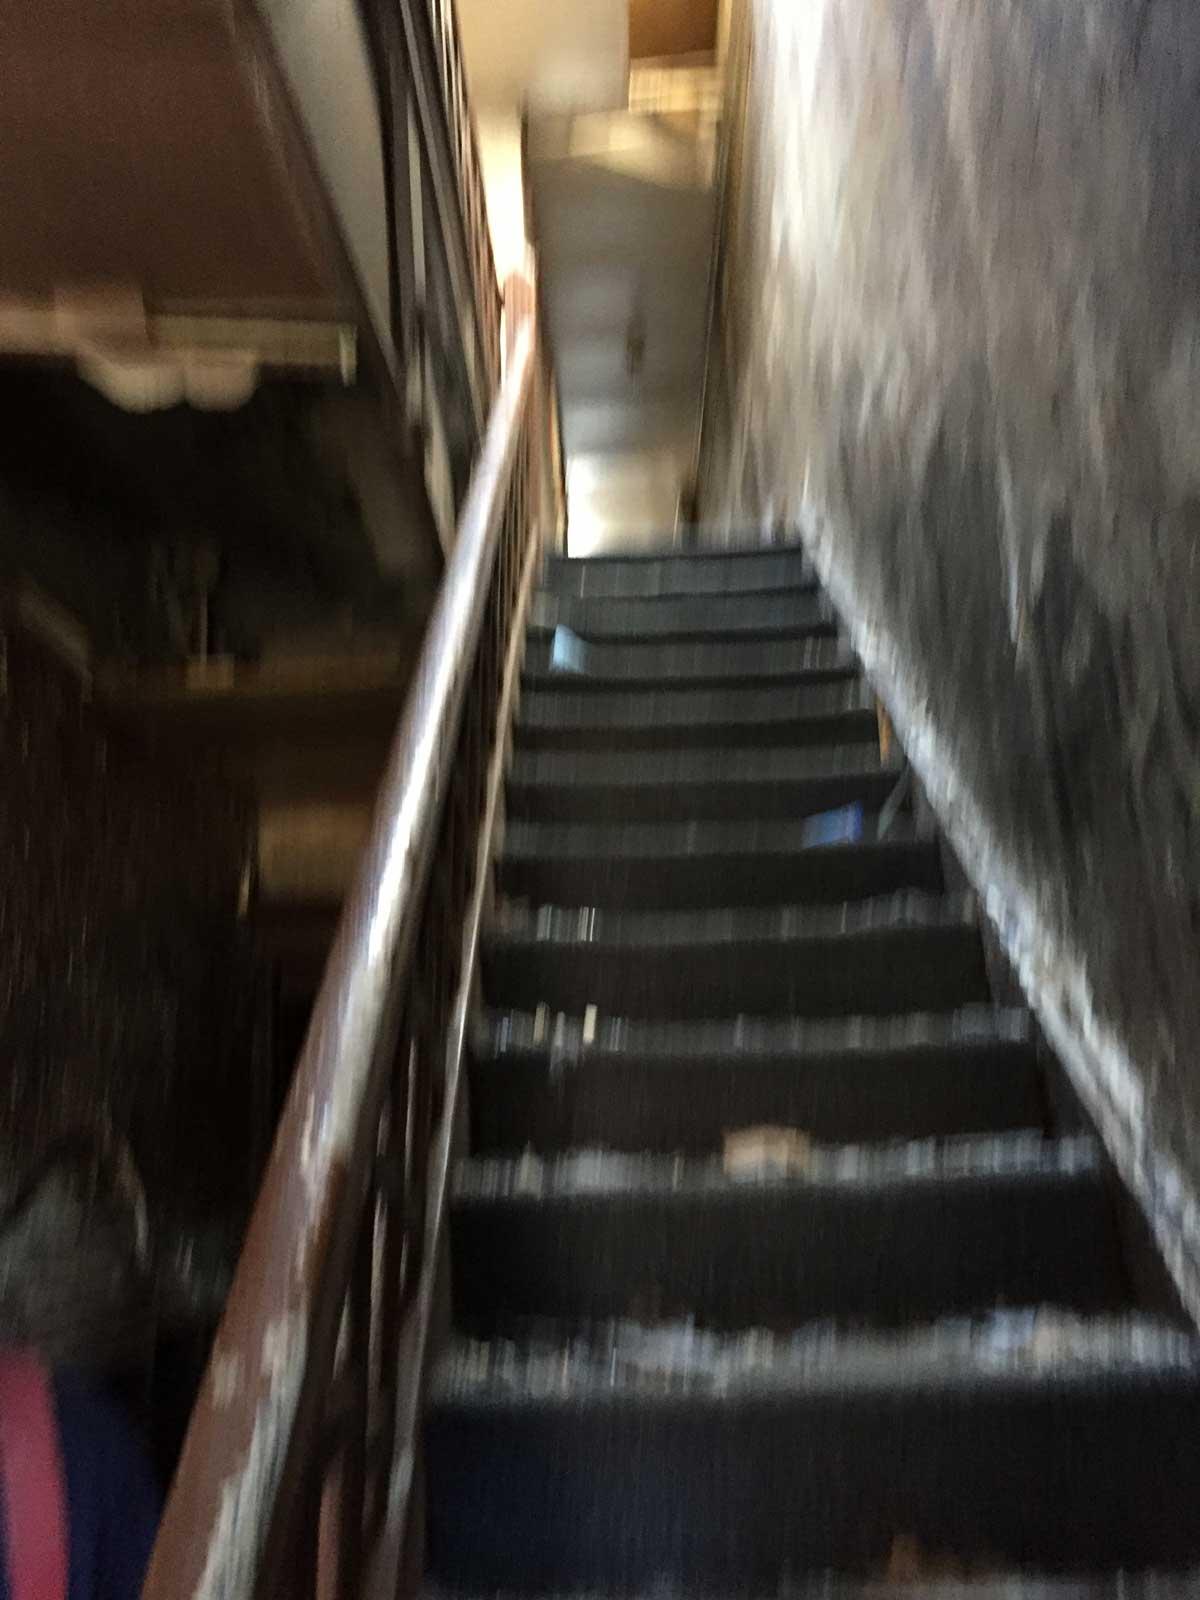 Open basement door